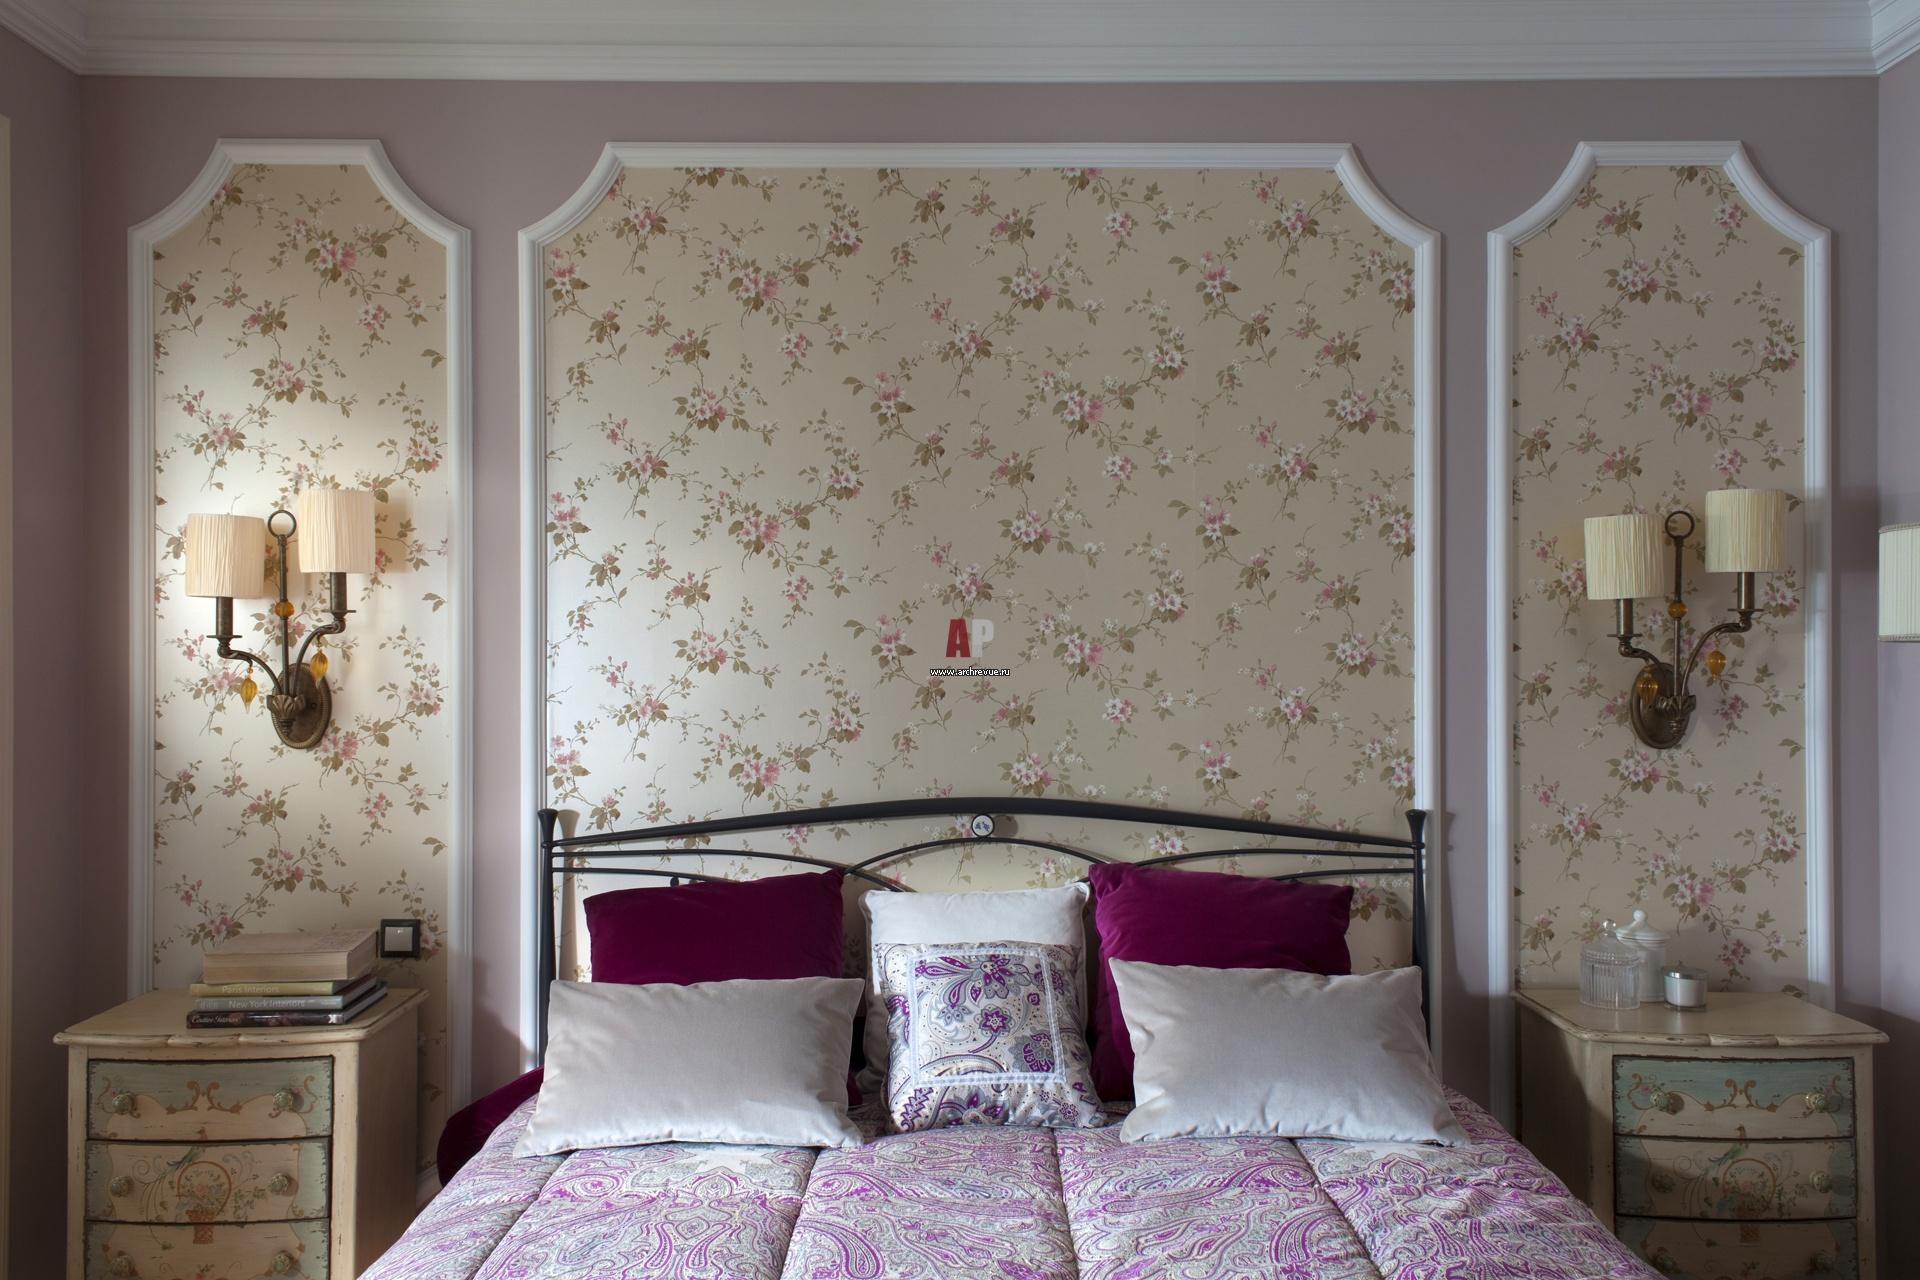 """Обои для стен в спальню фото """" Картинки и фотографии дизайна квартир, домов, коттеджей"""